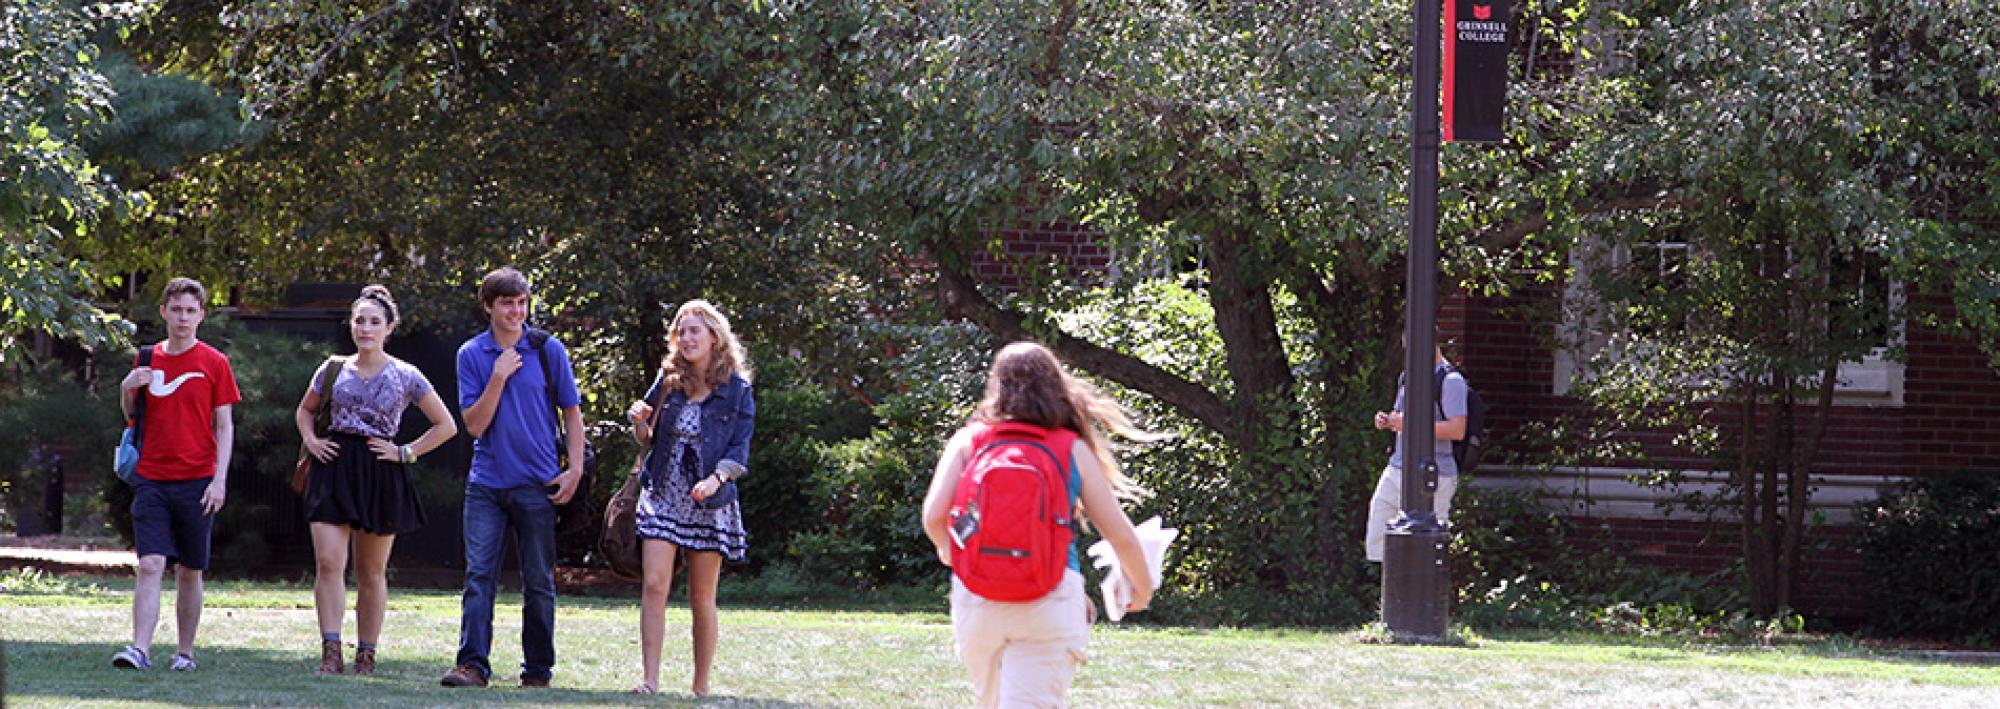 Walking Through Campus